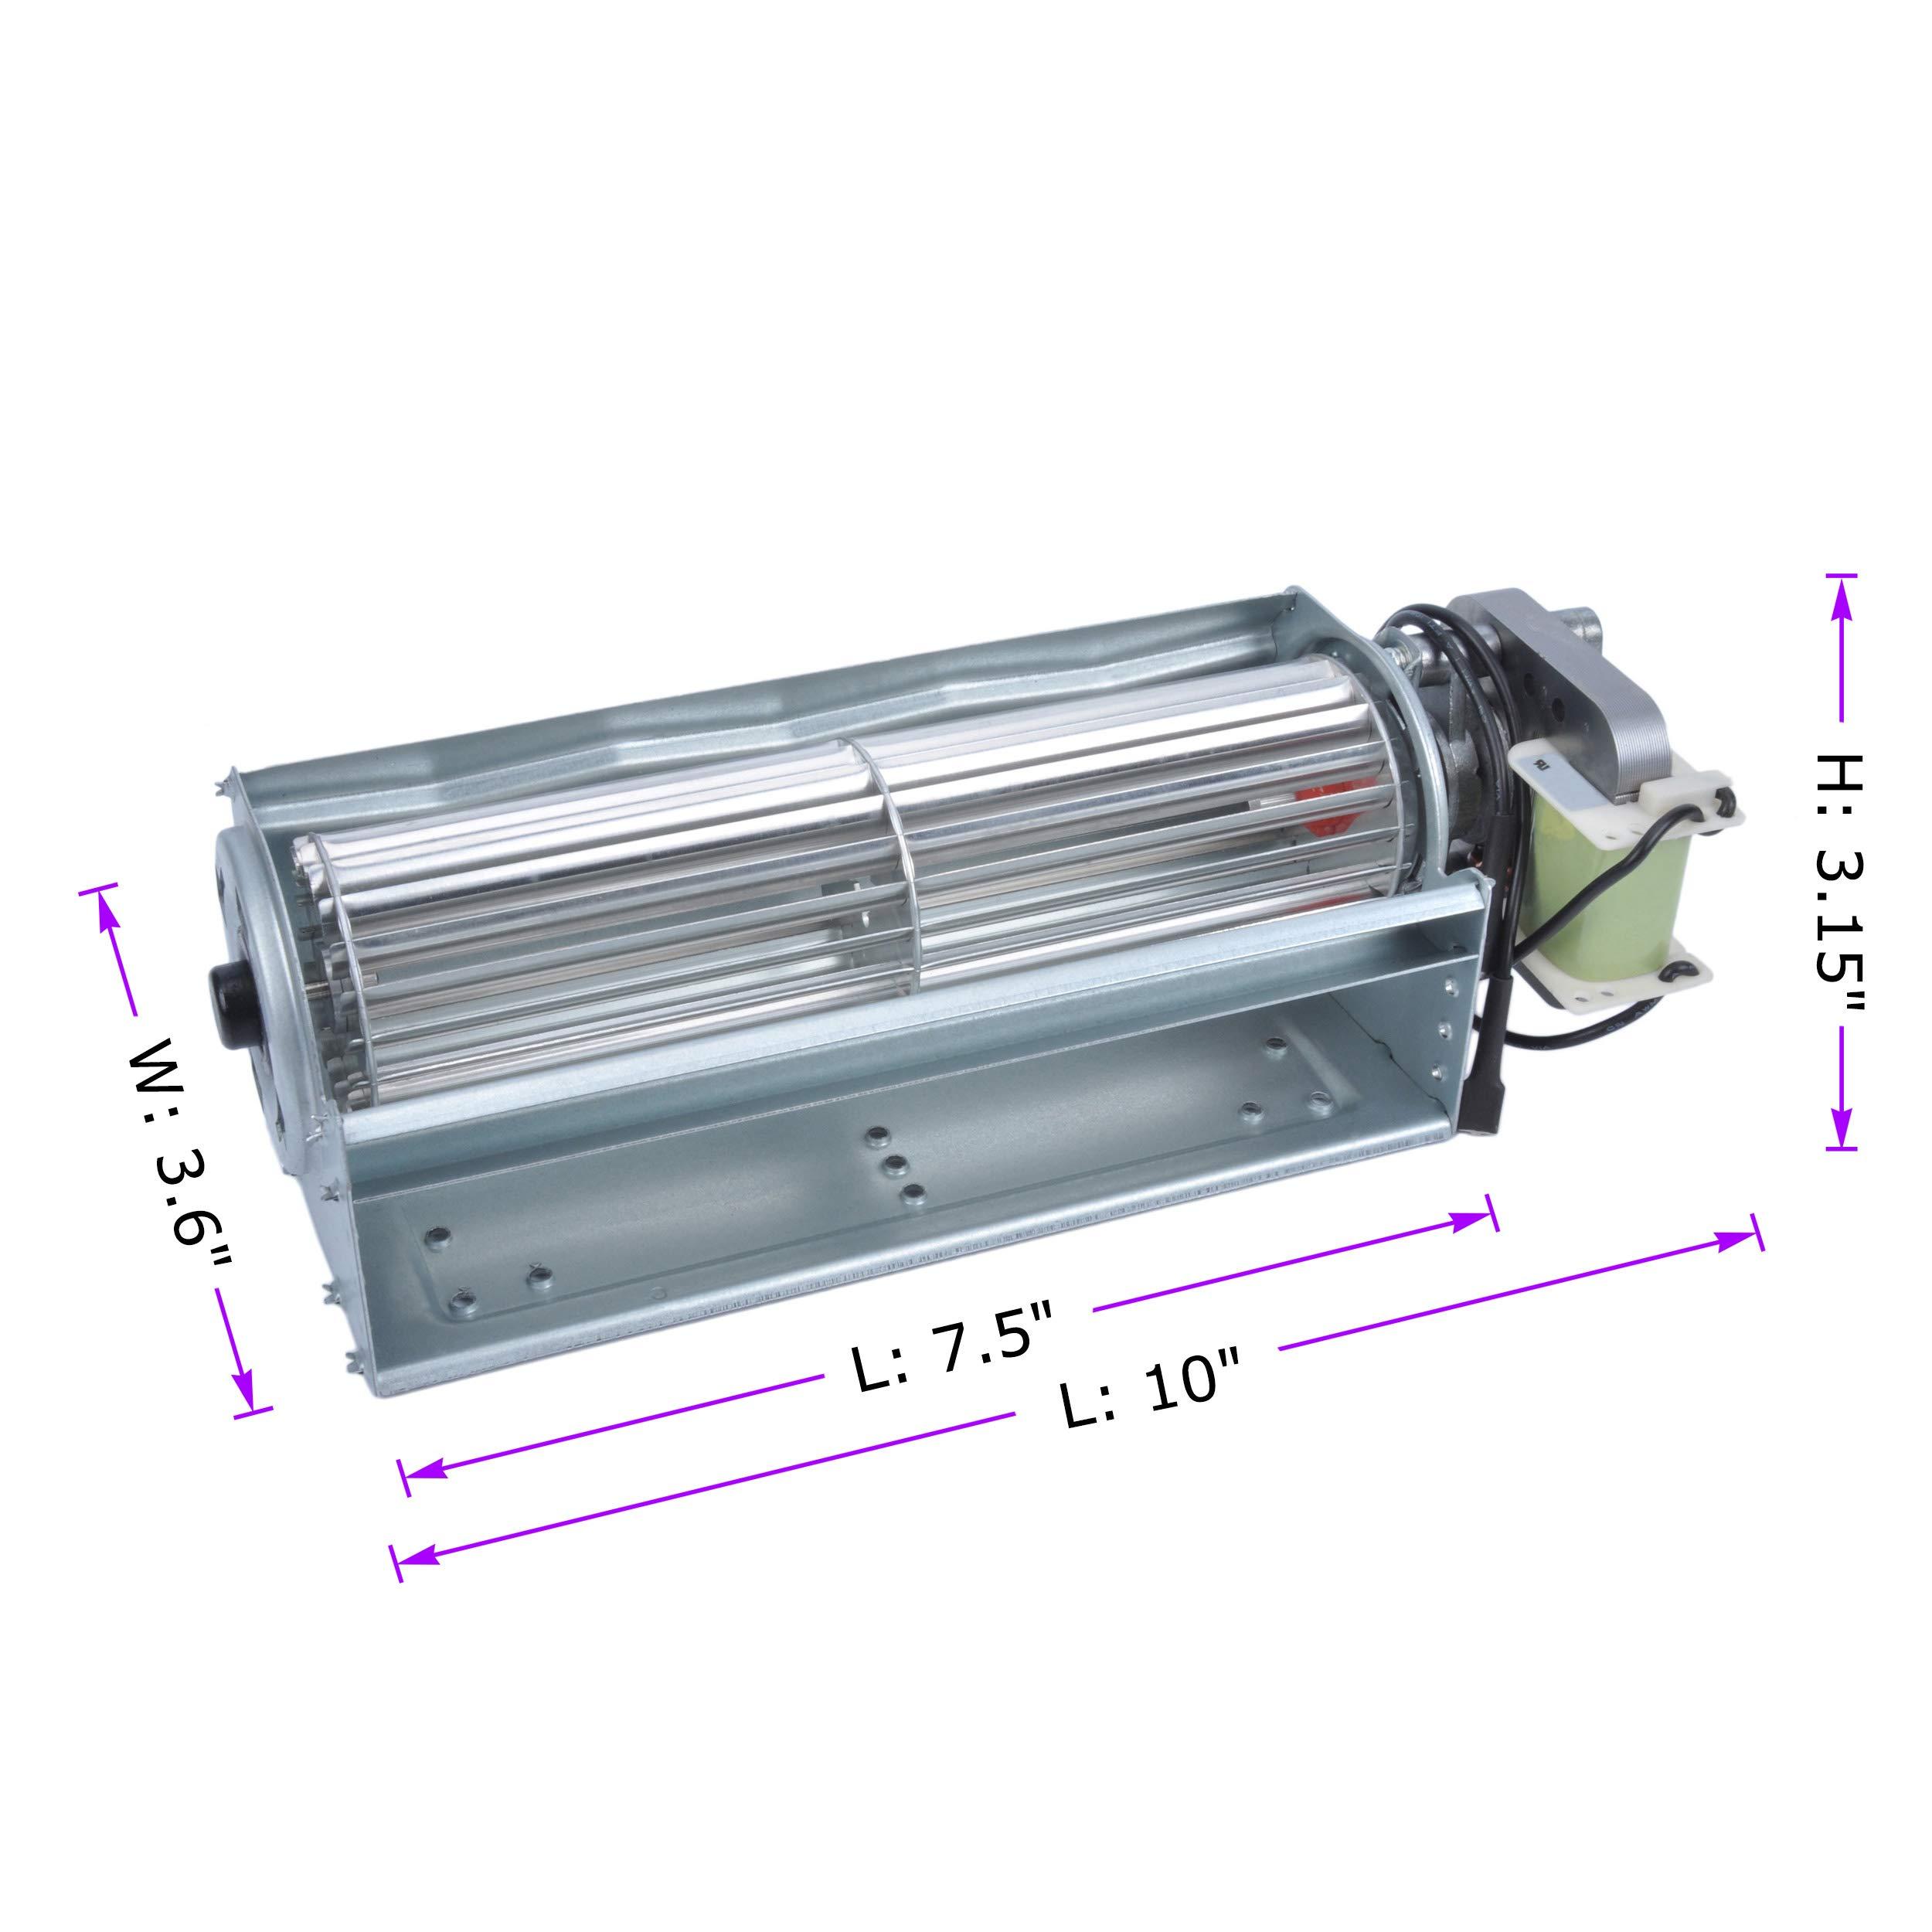 durablow – Chimenea eléctrica de repuesto del ventilador unidad ...